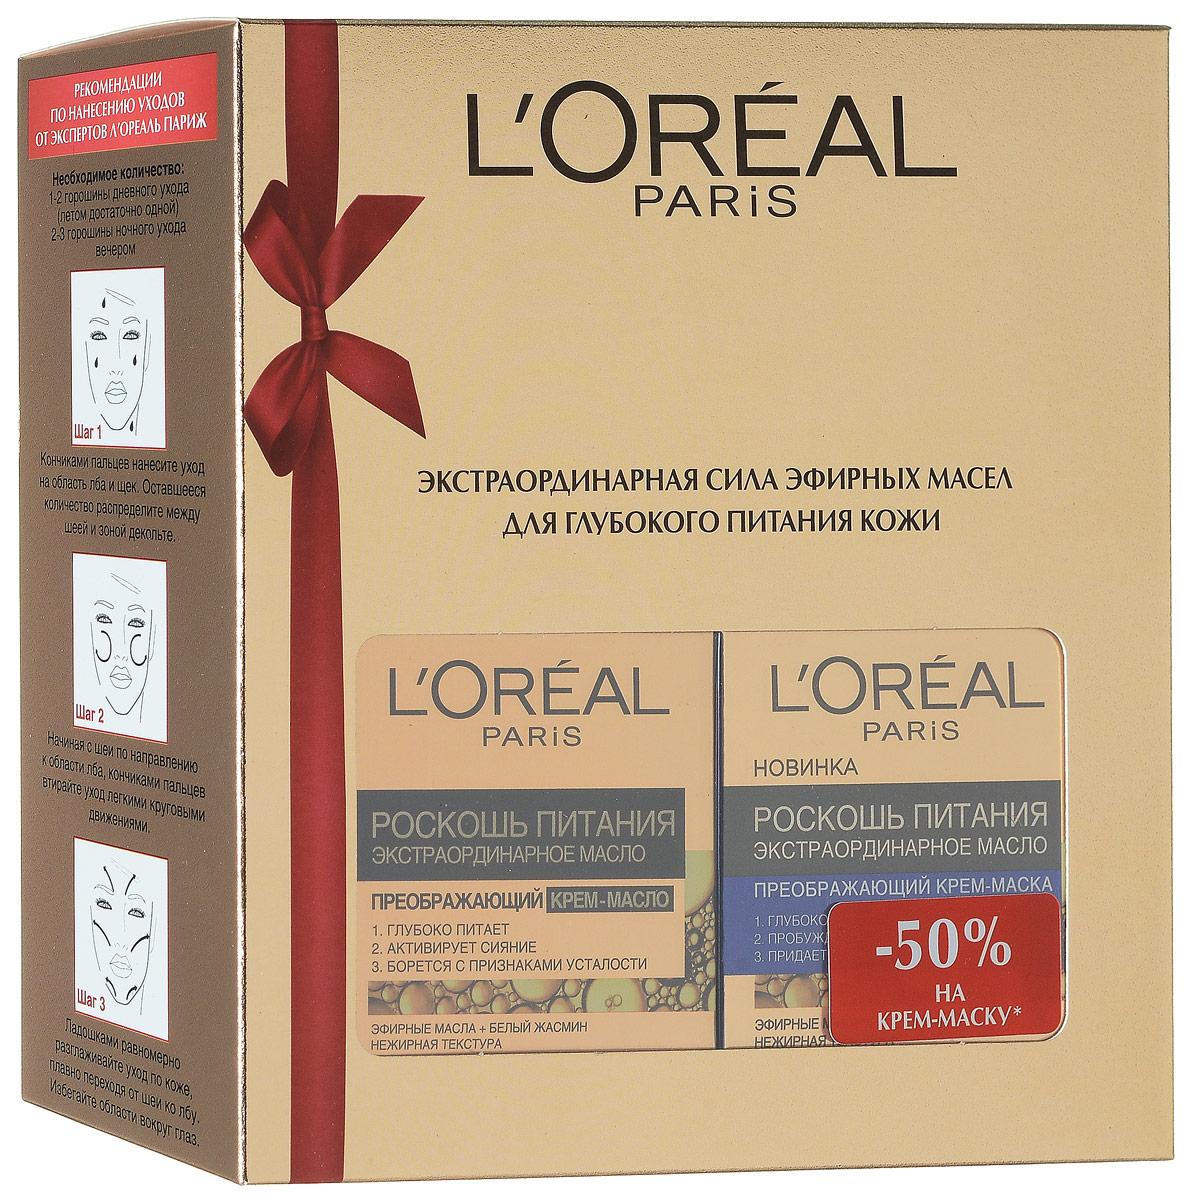 L'Oreal Paris Набор: Крем-масло для лица